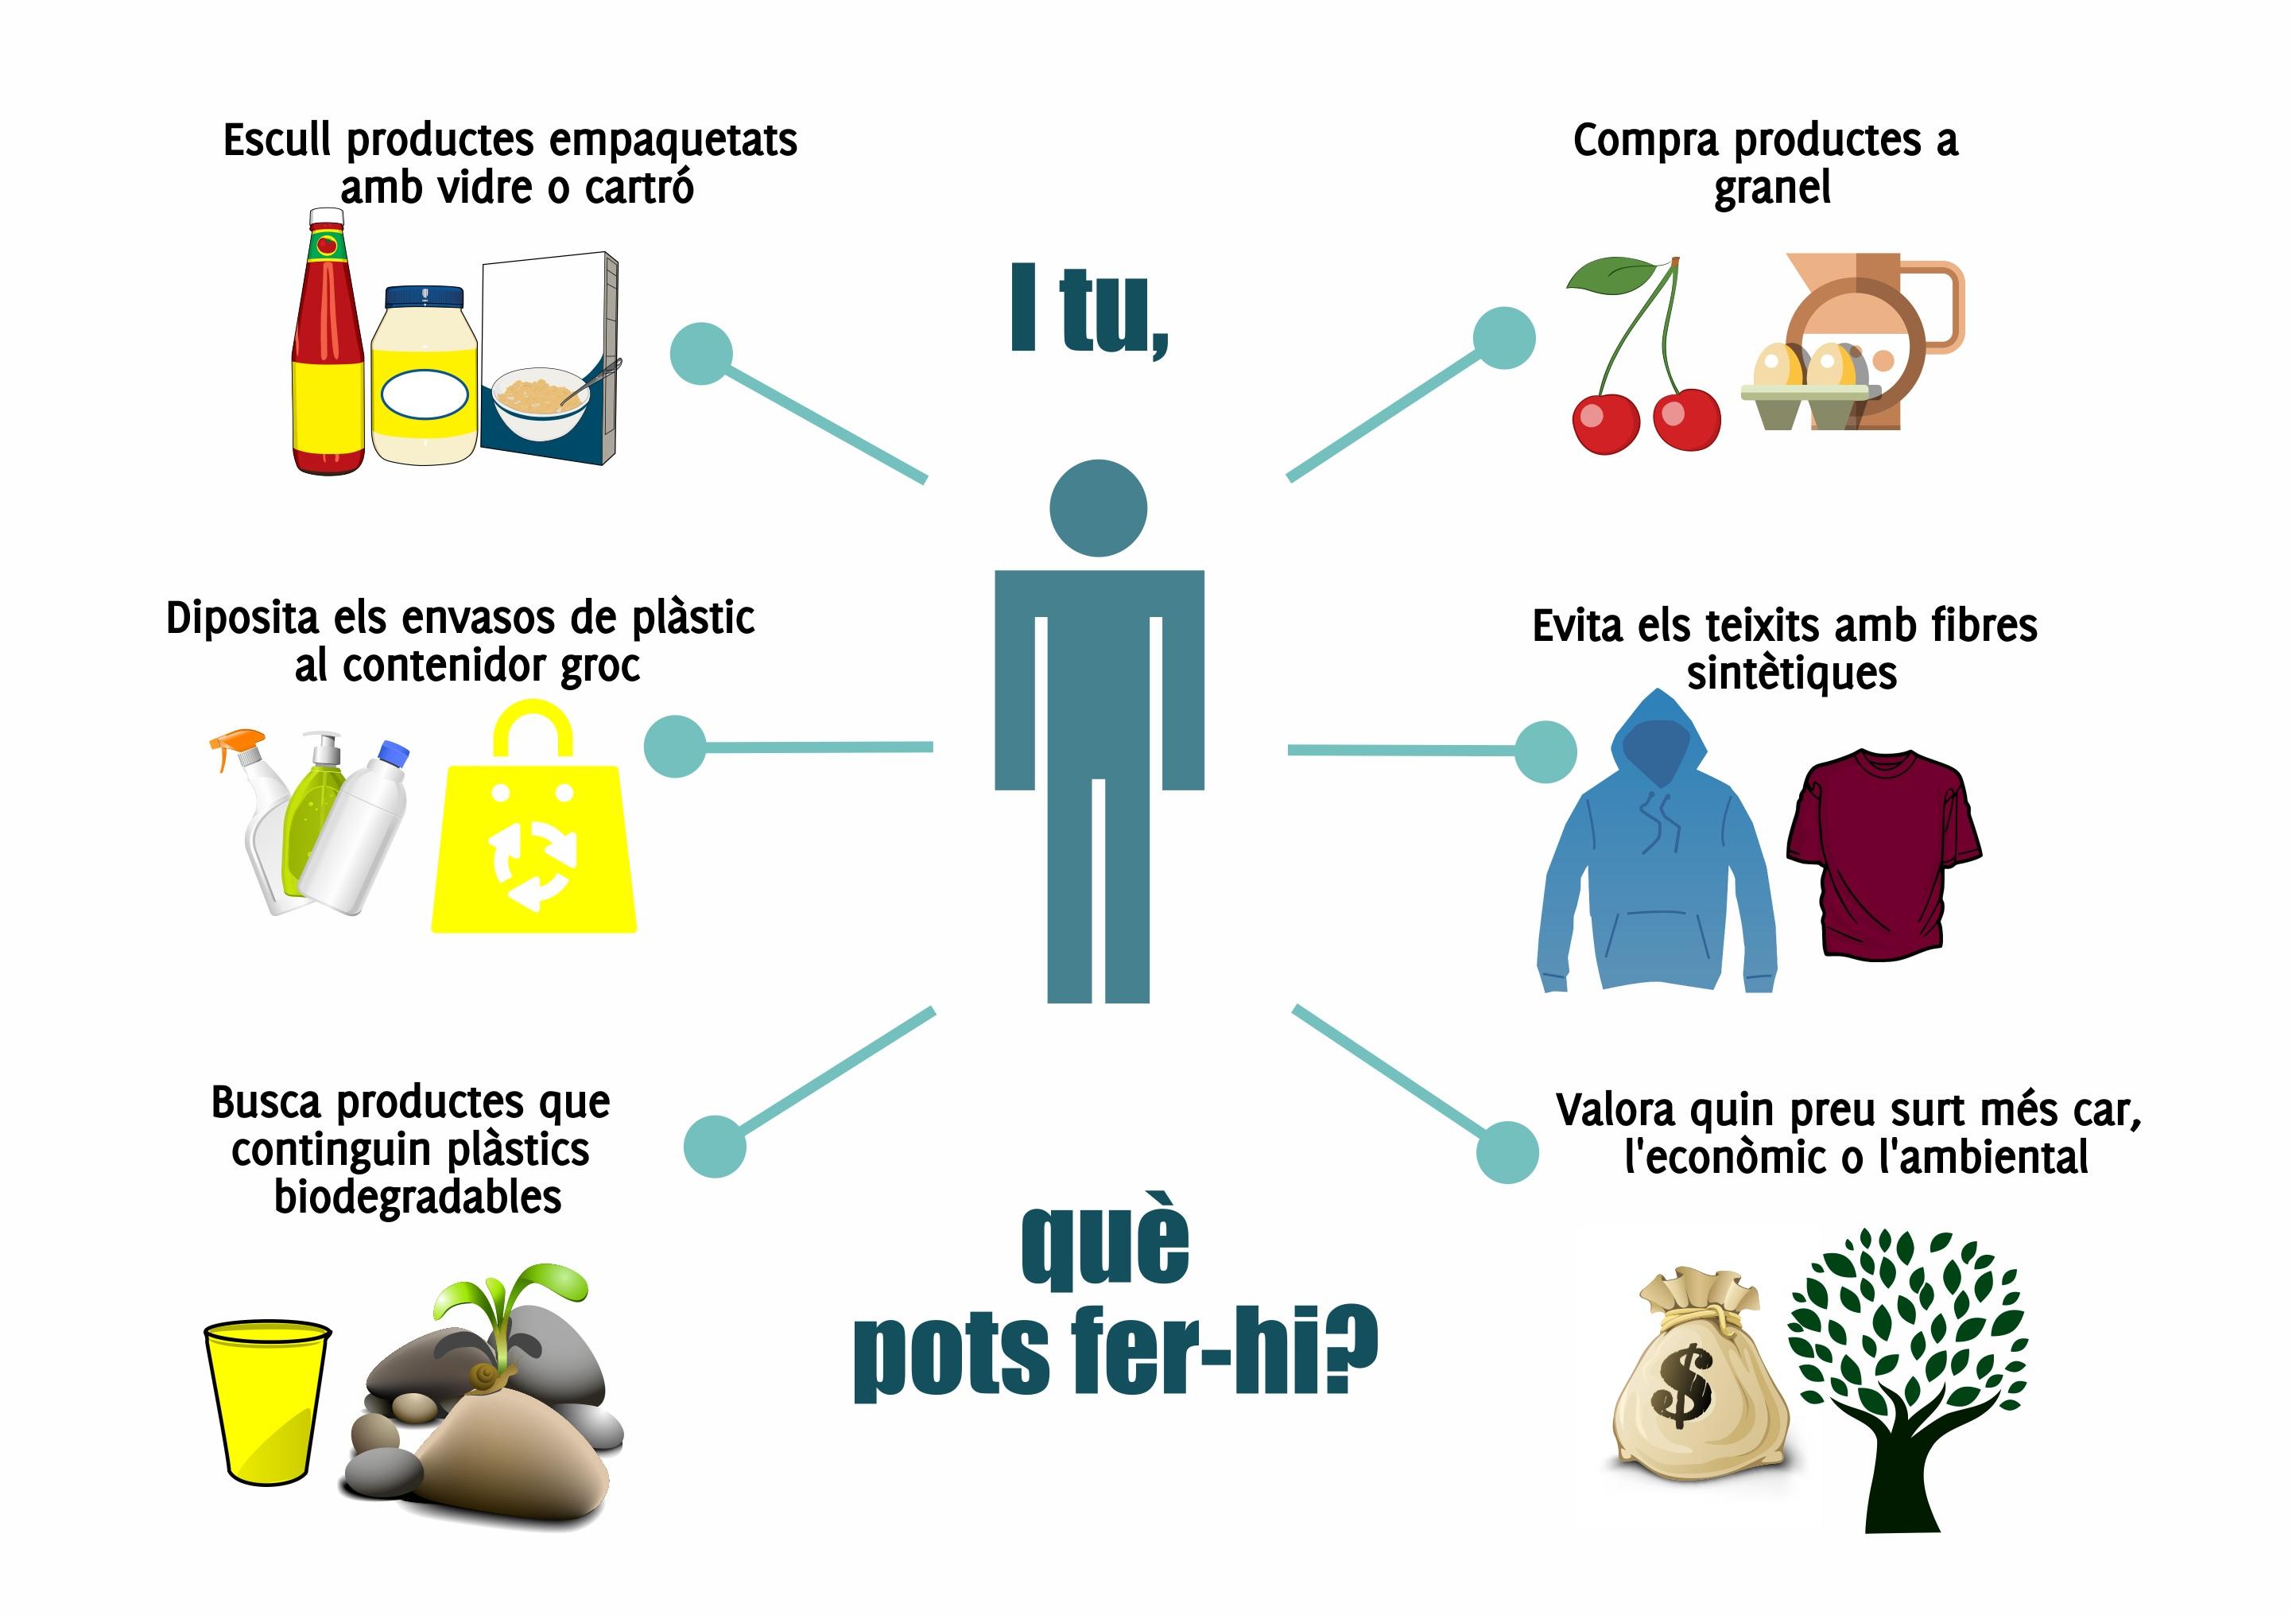 accions consumidor per reduir consum plàstic